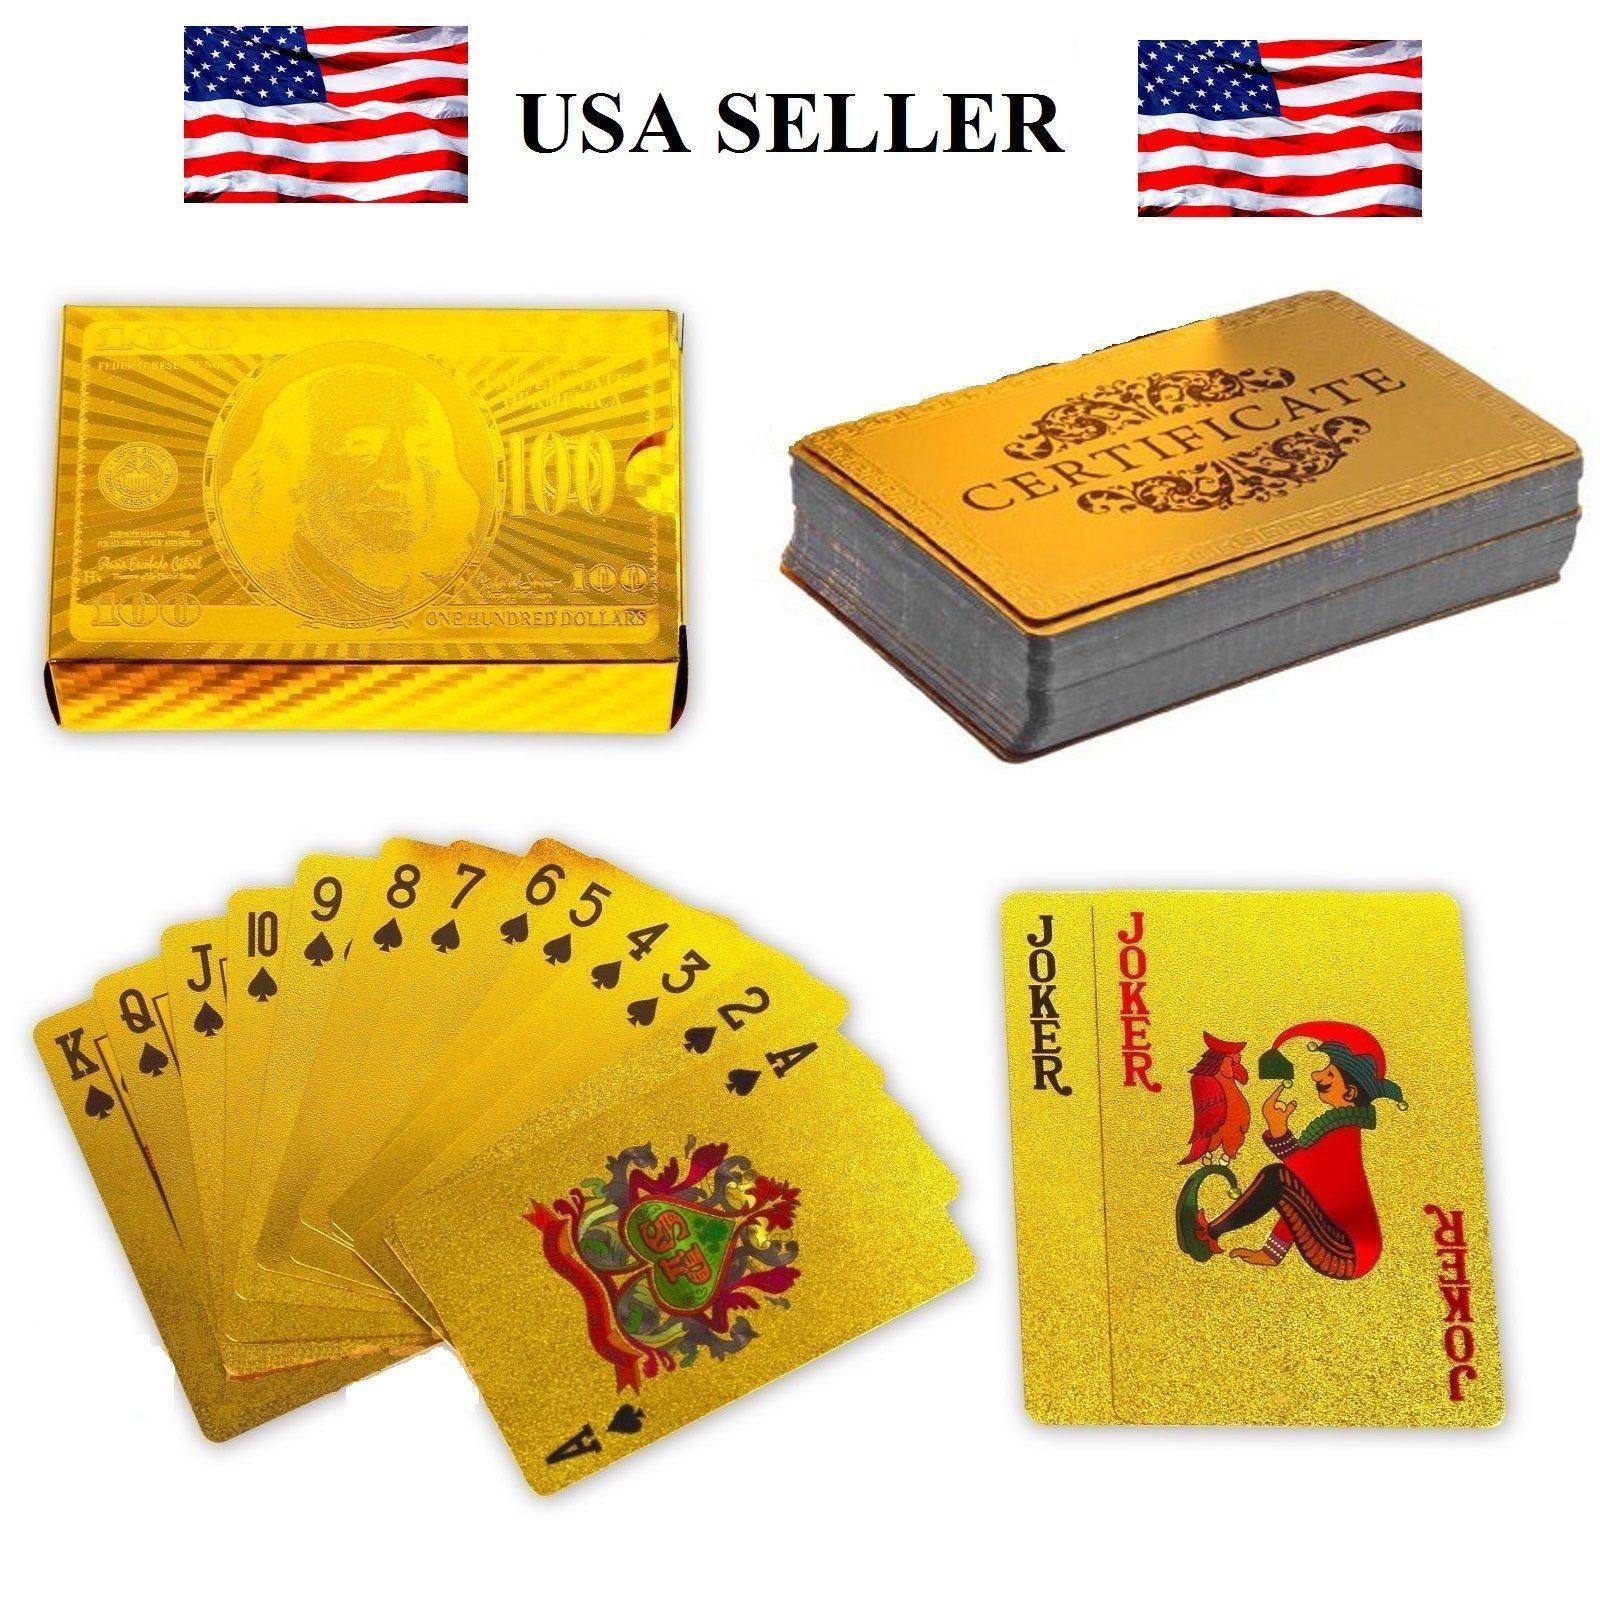 24 K Oro Carte Da Gioco Gioco Di Poker Deck Poker Lamina D'oro Set Di Plastica Carte Da Gioco Di Magia Magia Della Carta Impermeabile Bavaglio Pratiche Scherzi